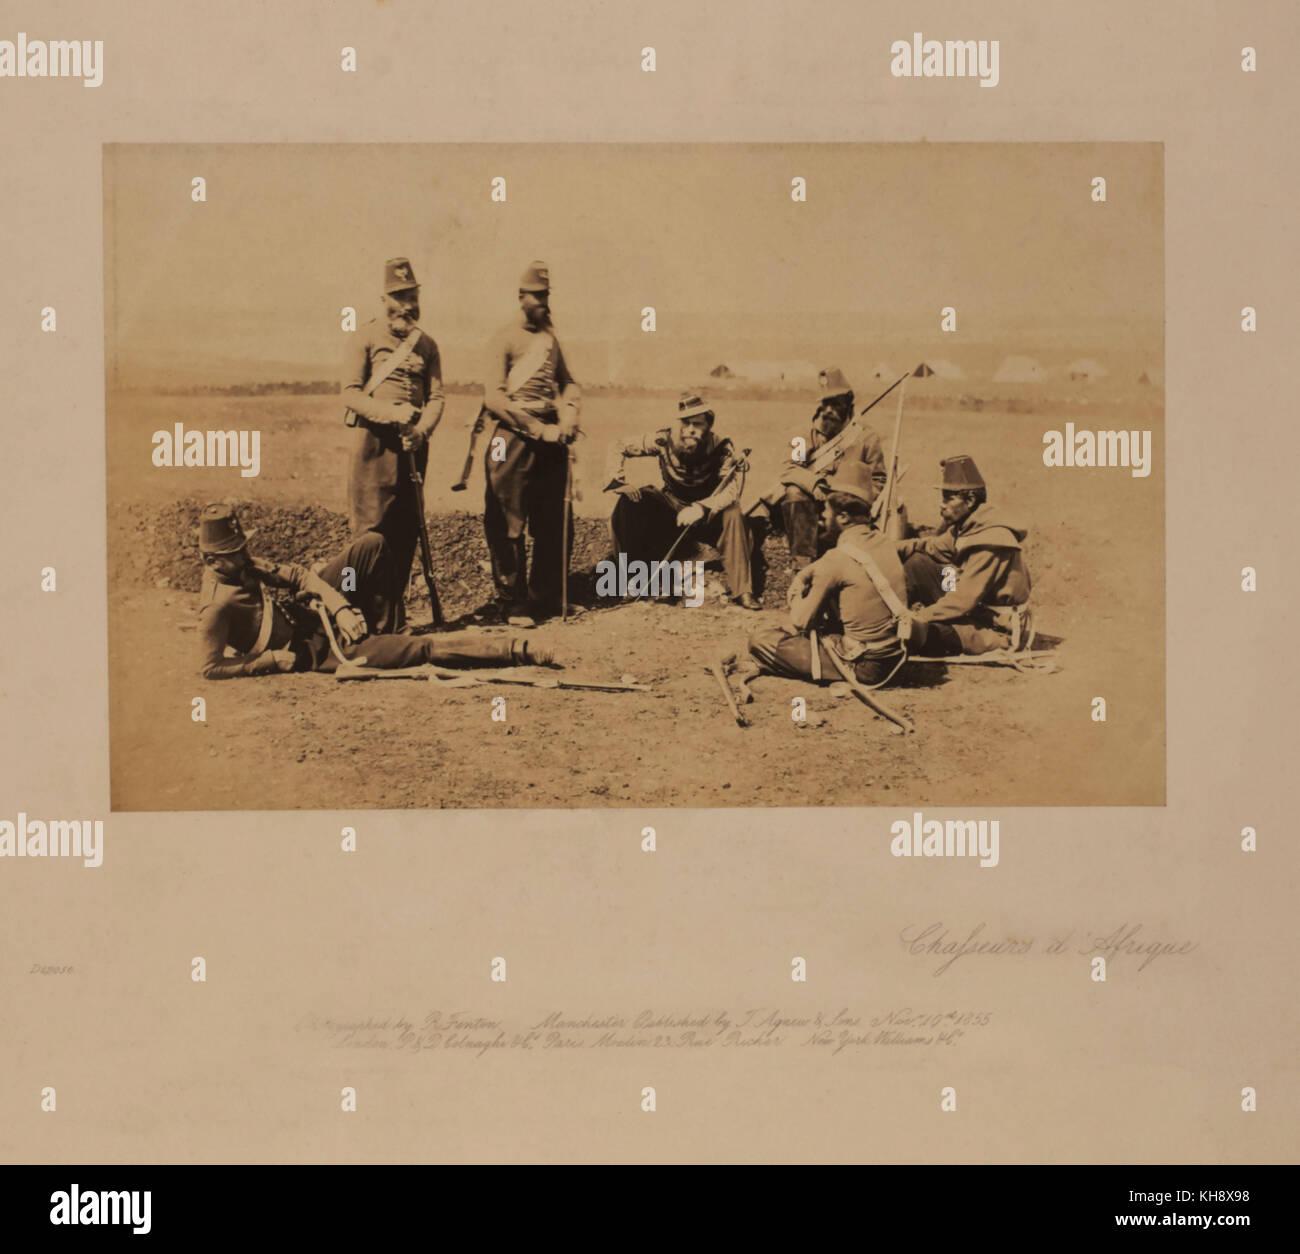 Chasseurs d'Afrique, Crimean War, Crimea, Photographed by Roger Fenton, 1855 - Stock Image